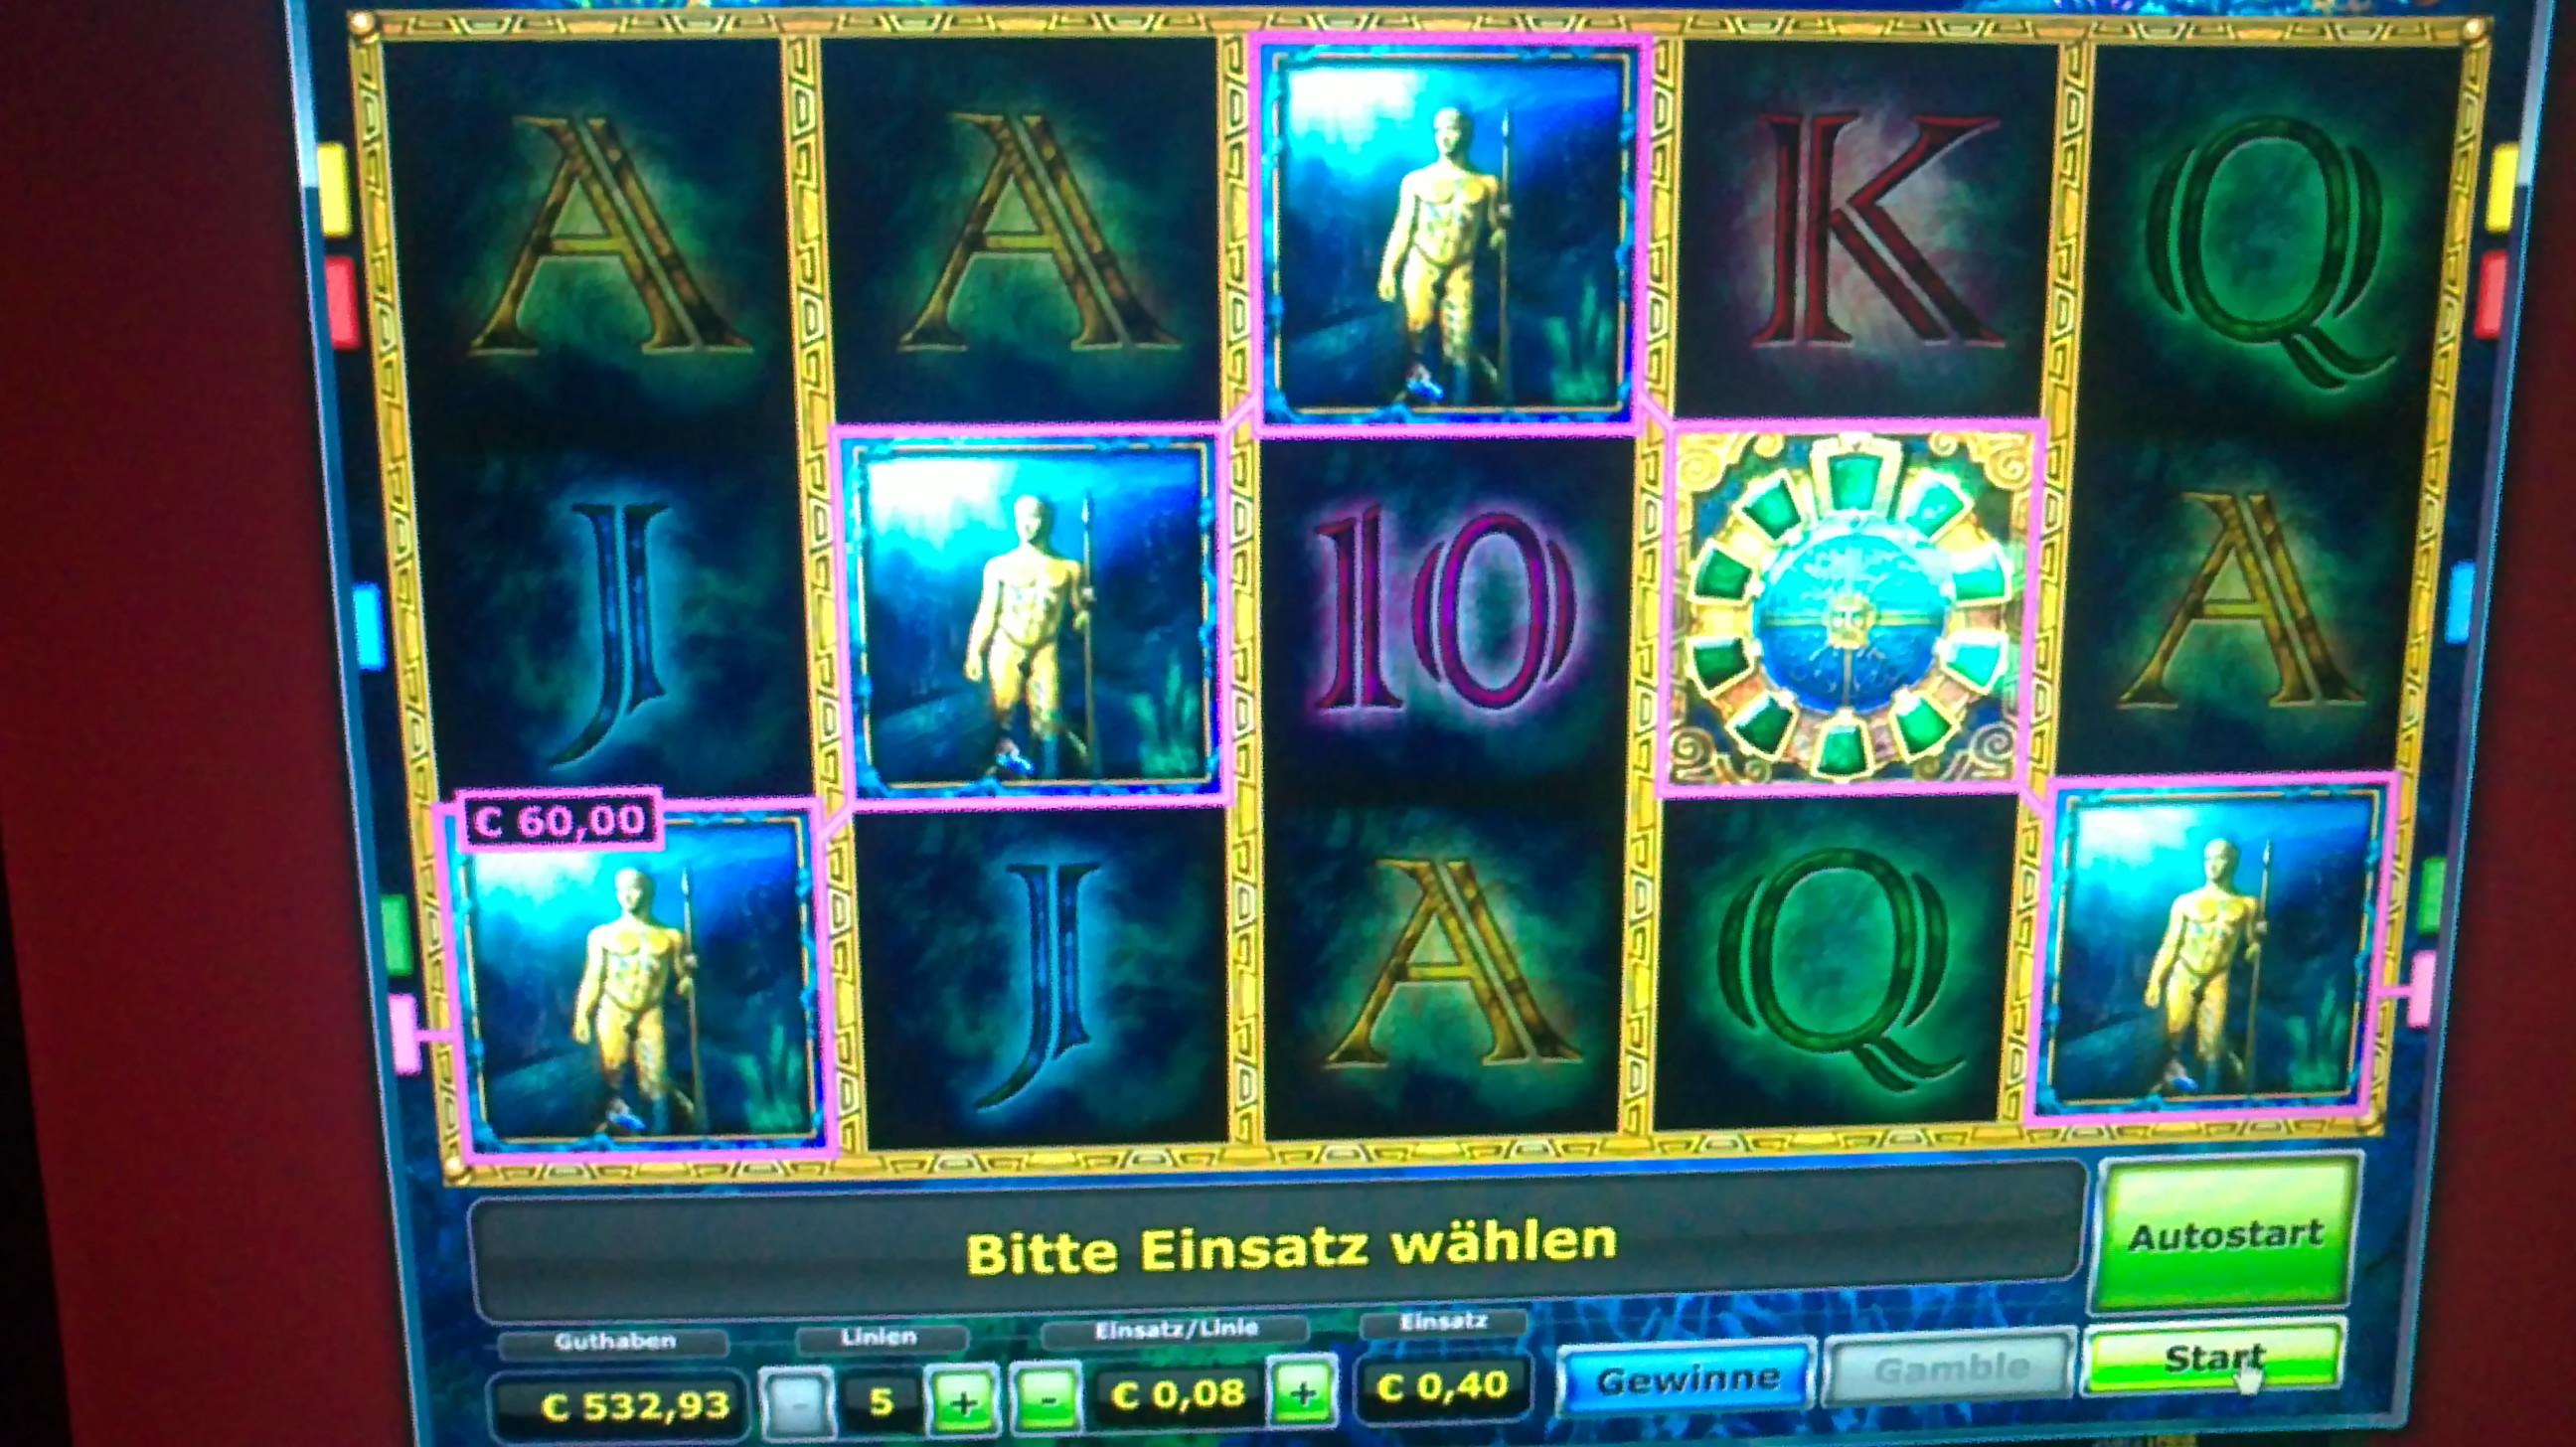 Spielvarianten Bei geldspielautomaten Experten Tipps -148785